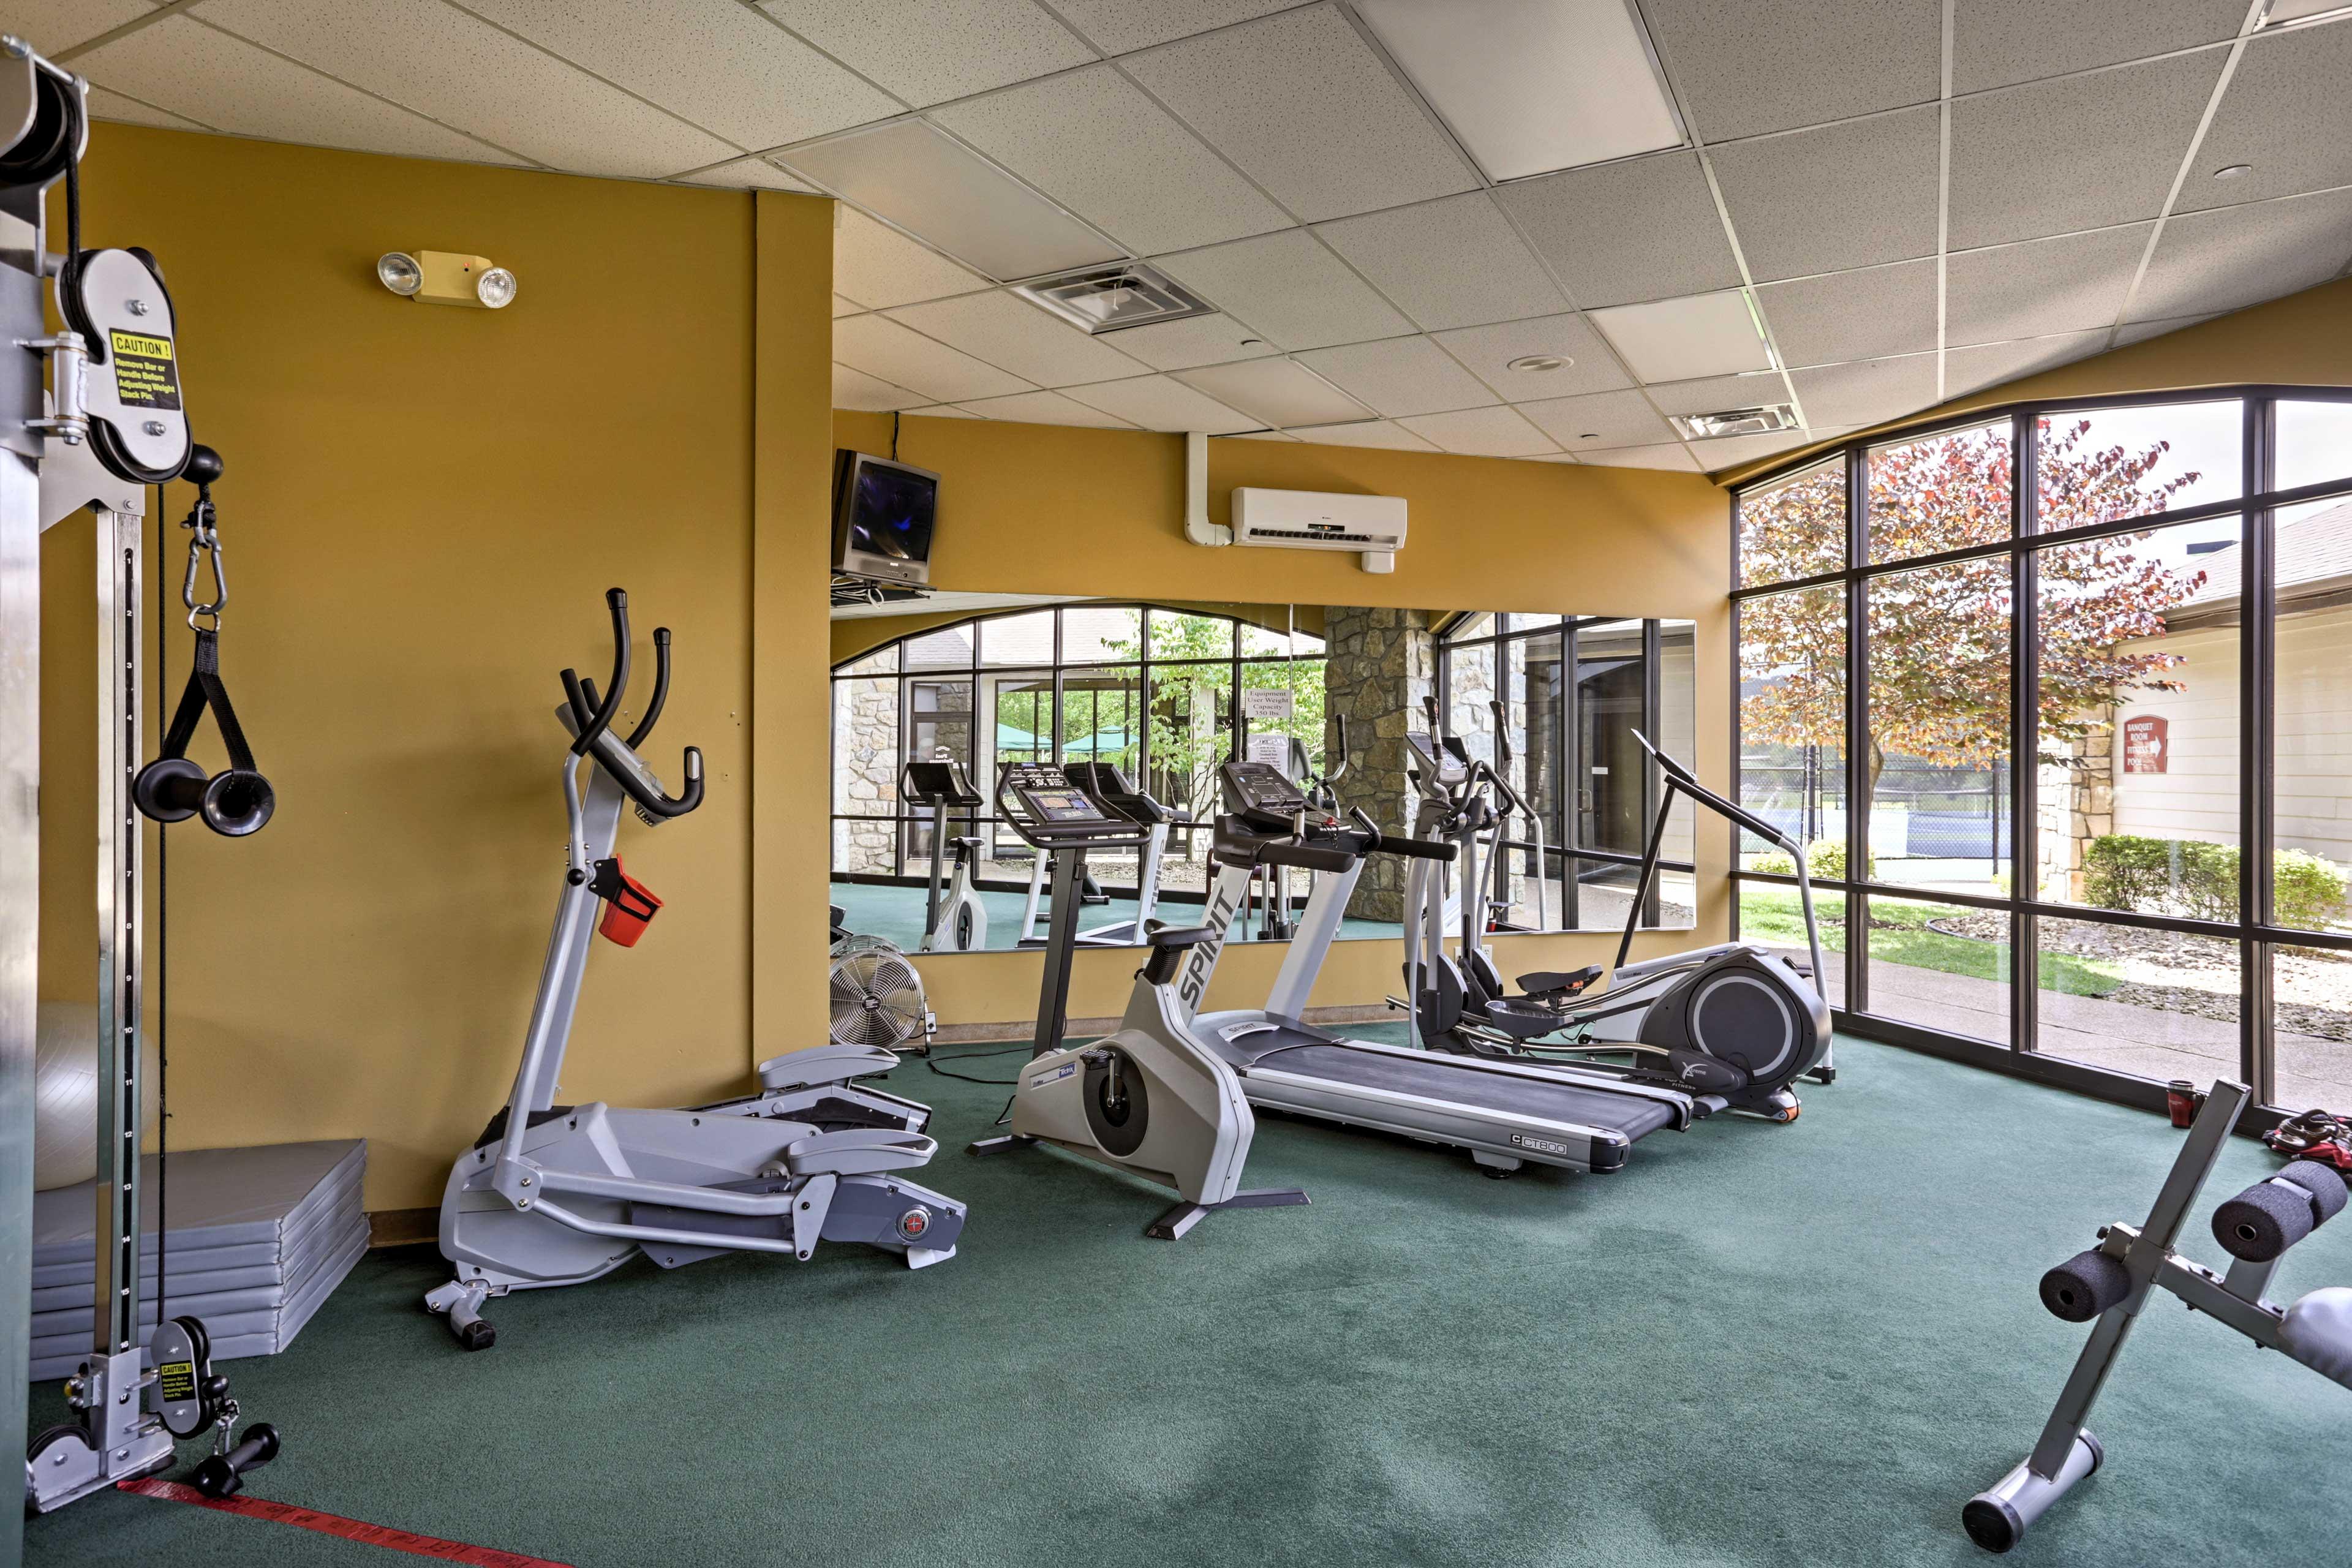 The StoneBridge Resort   Fitness Center